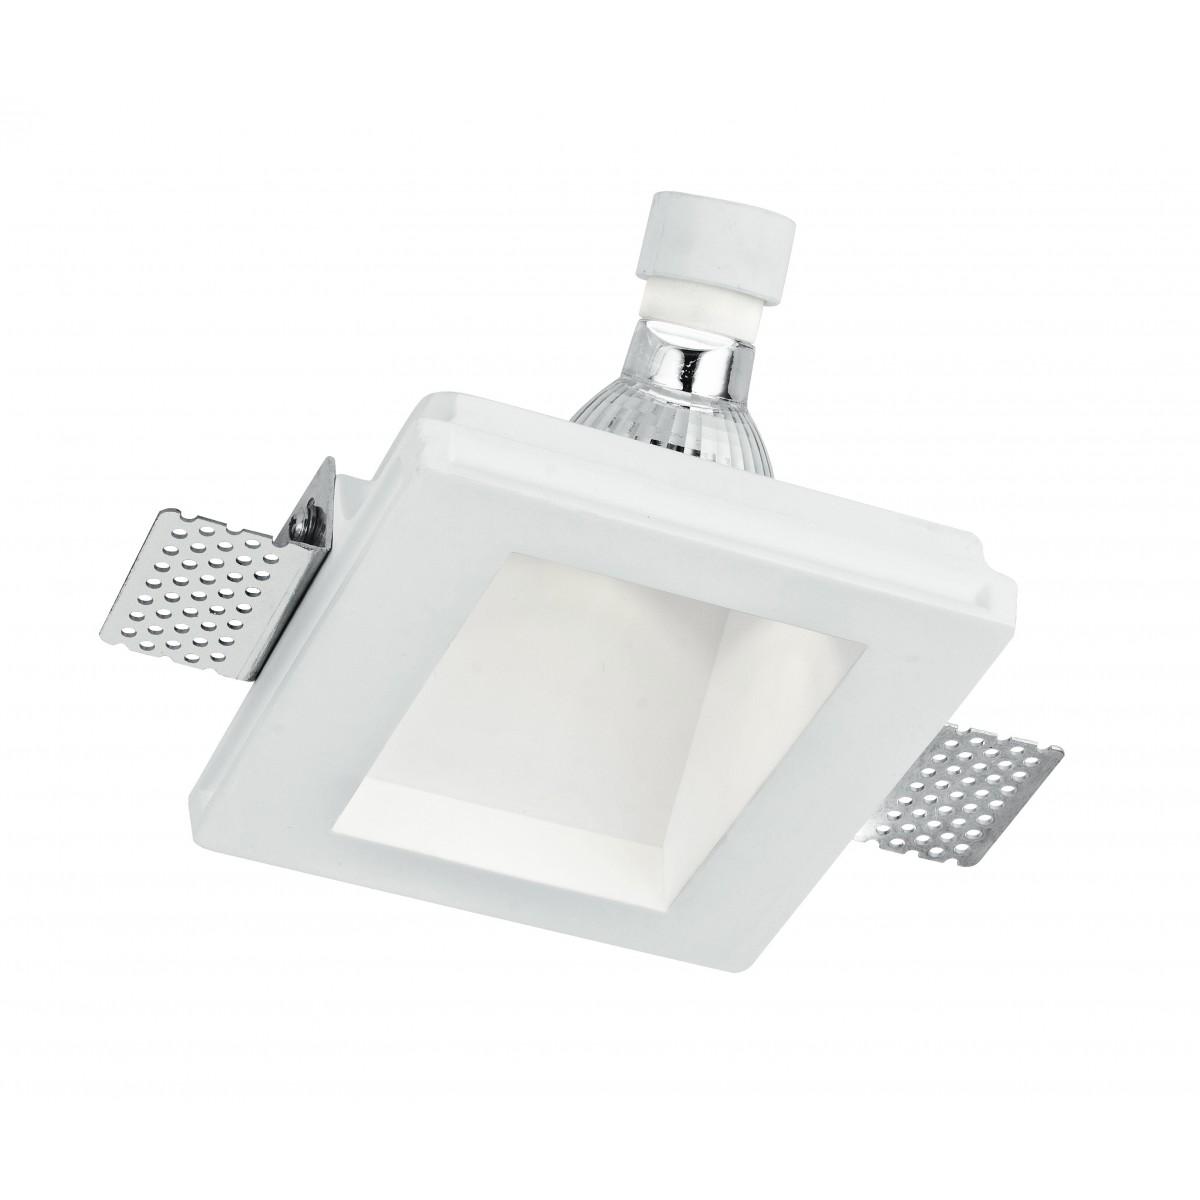 INC-GHOST-Q1D - Spot encastré pour comptoir rétractable en plâtre à peindre GU10